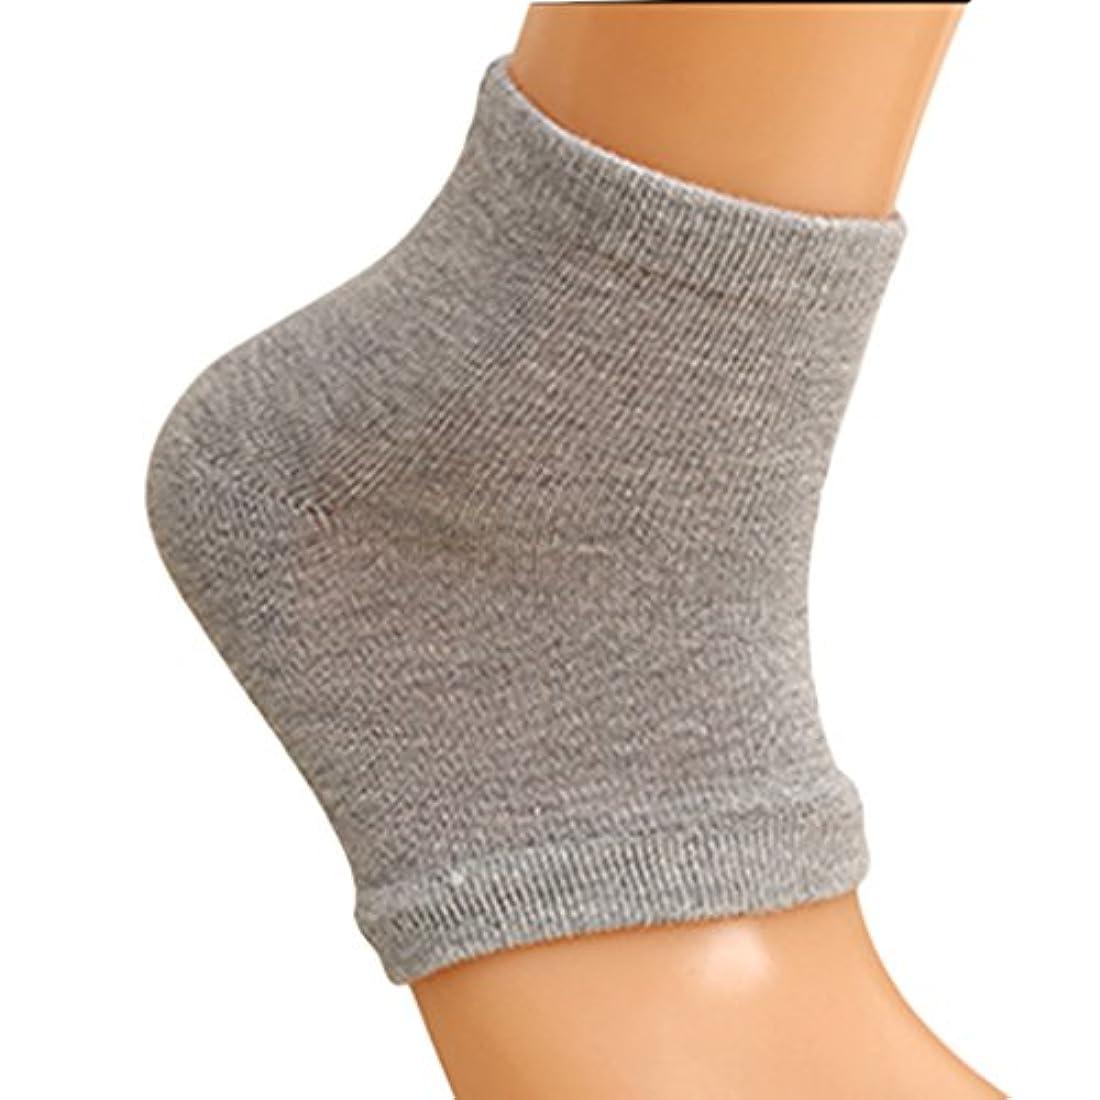 またシャイニングドラマSeliyi 2色組 靴下 ソックス レディース メンズ 靴下 つるつる 靴下 フットケア かかとケア ひび 角質ケア 保湿 角質除去(ピンク+グレー)